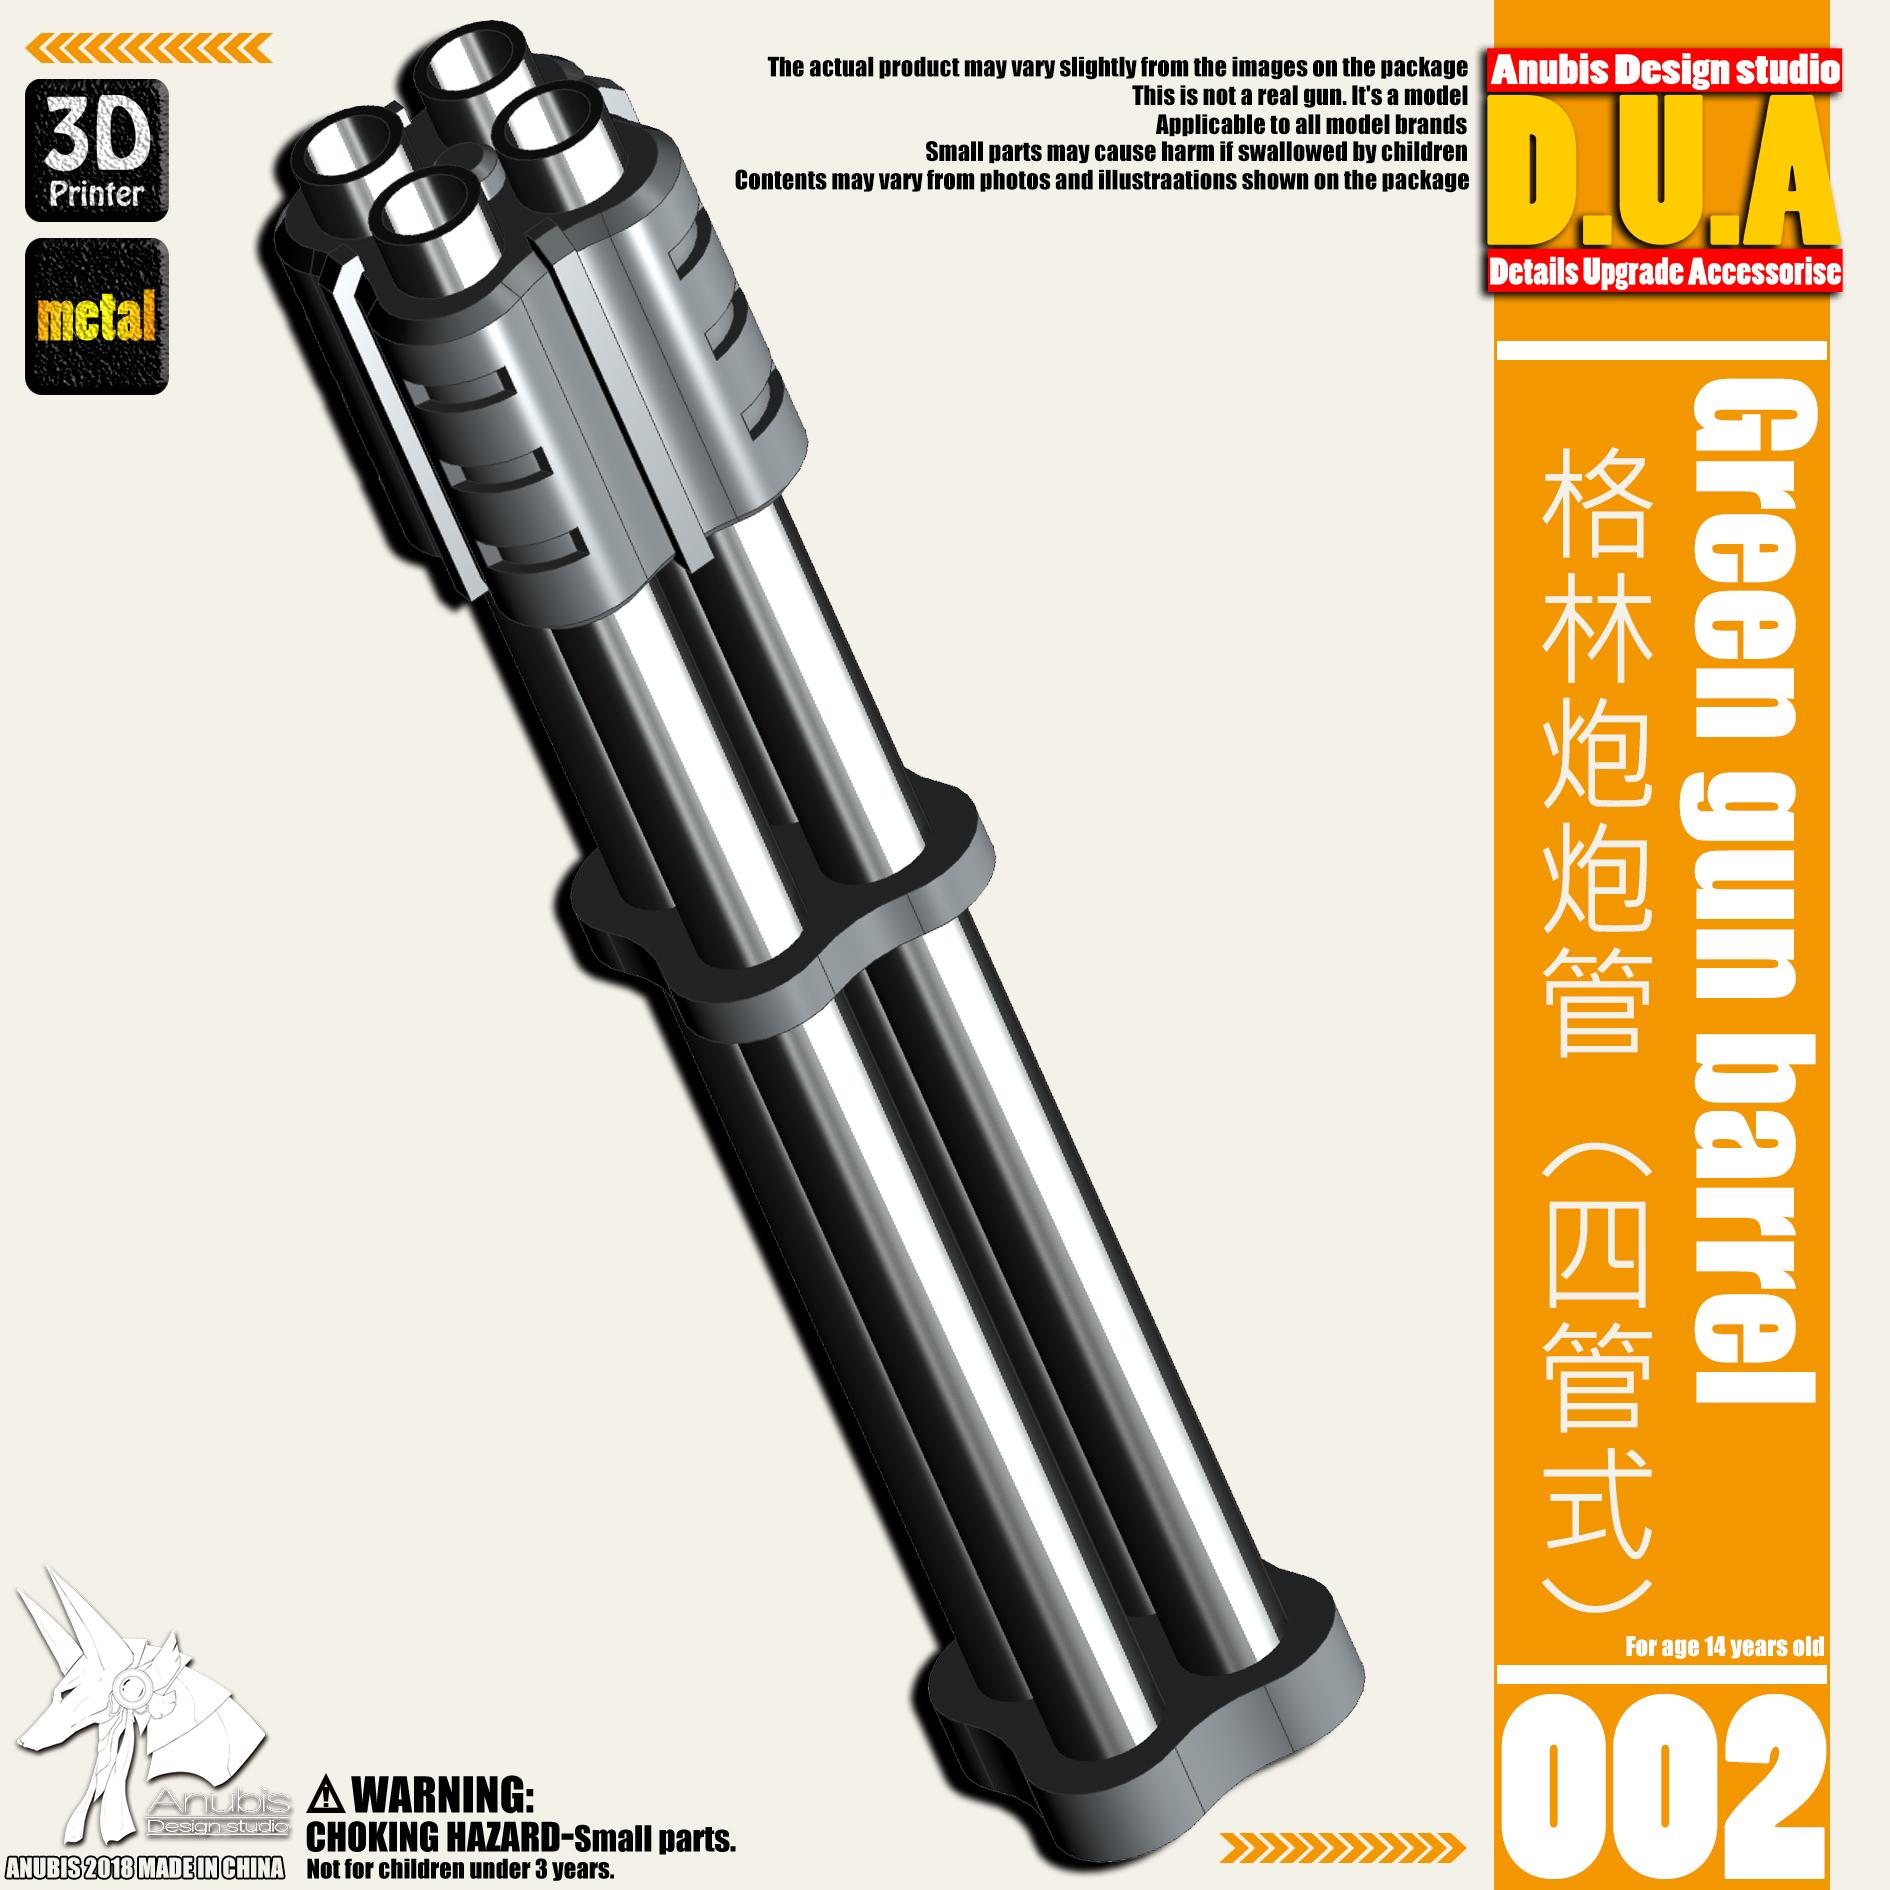 G413_DUA002_001.jpg